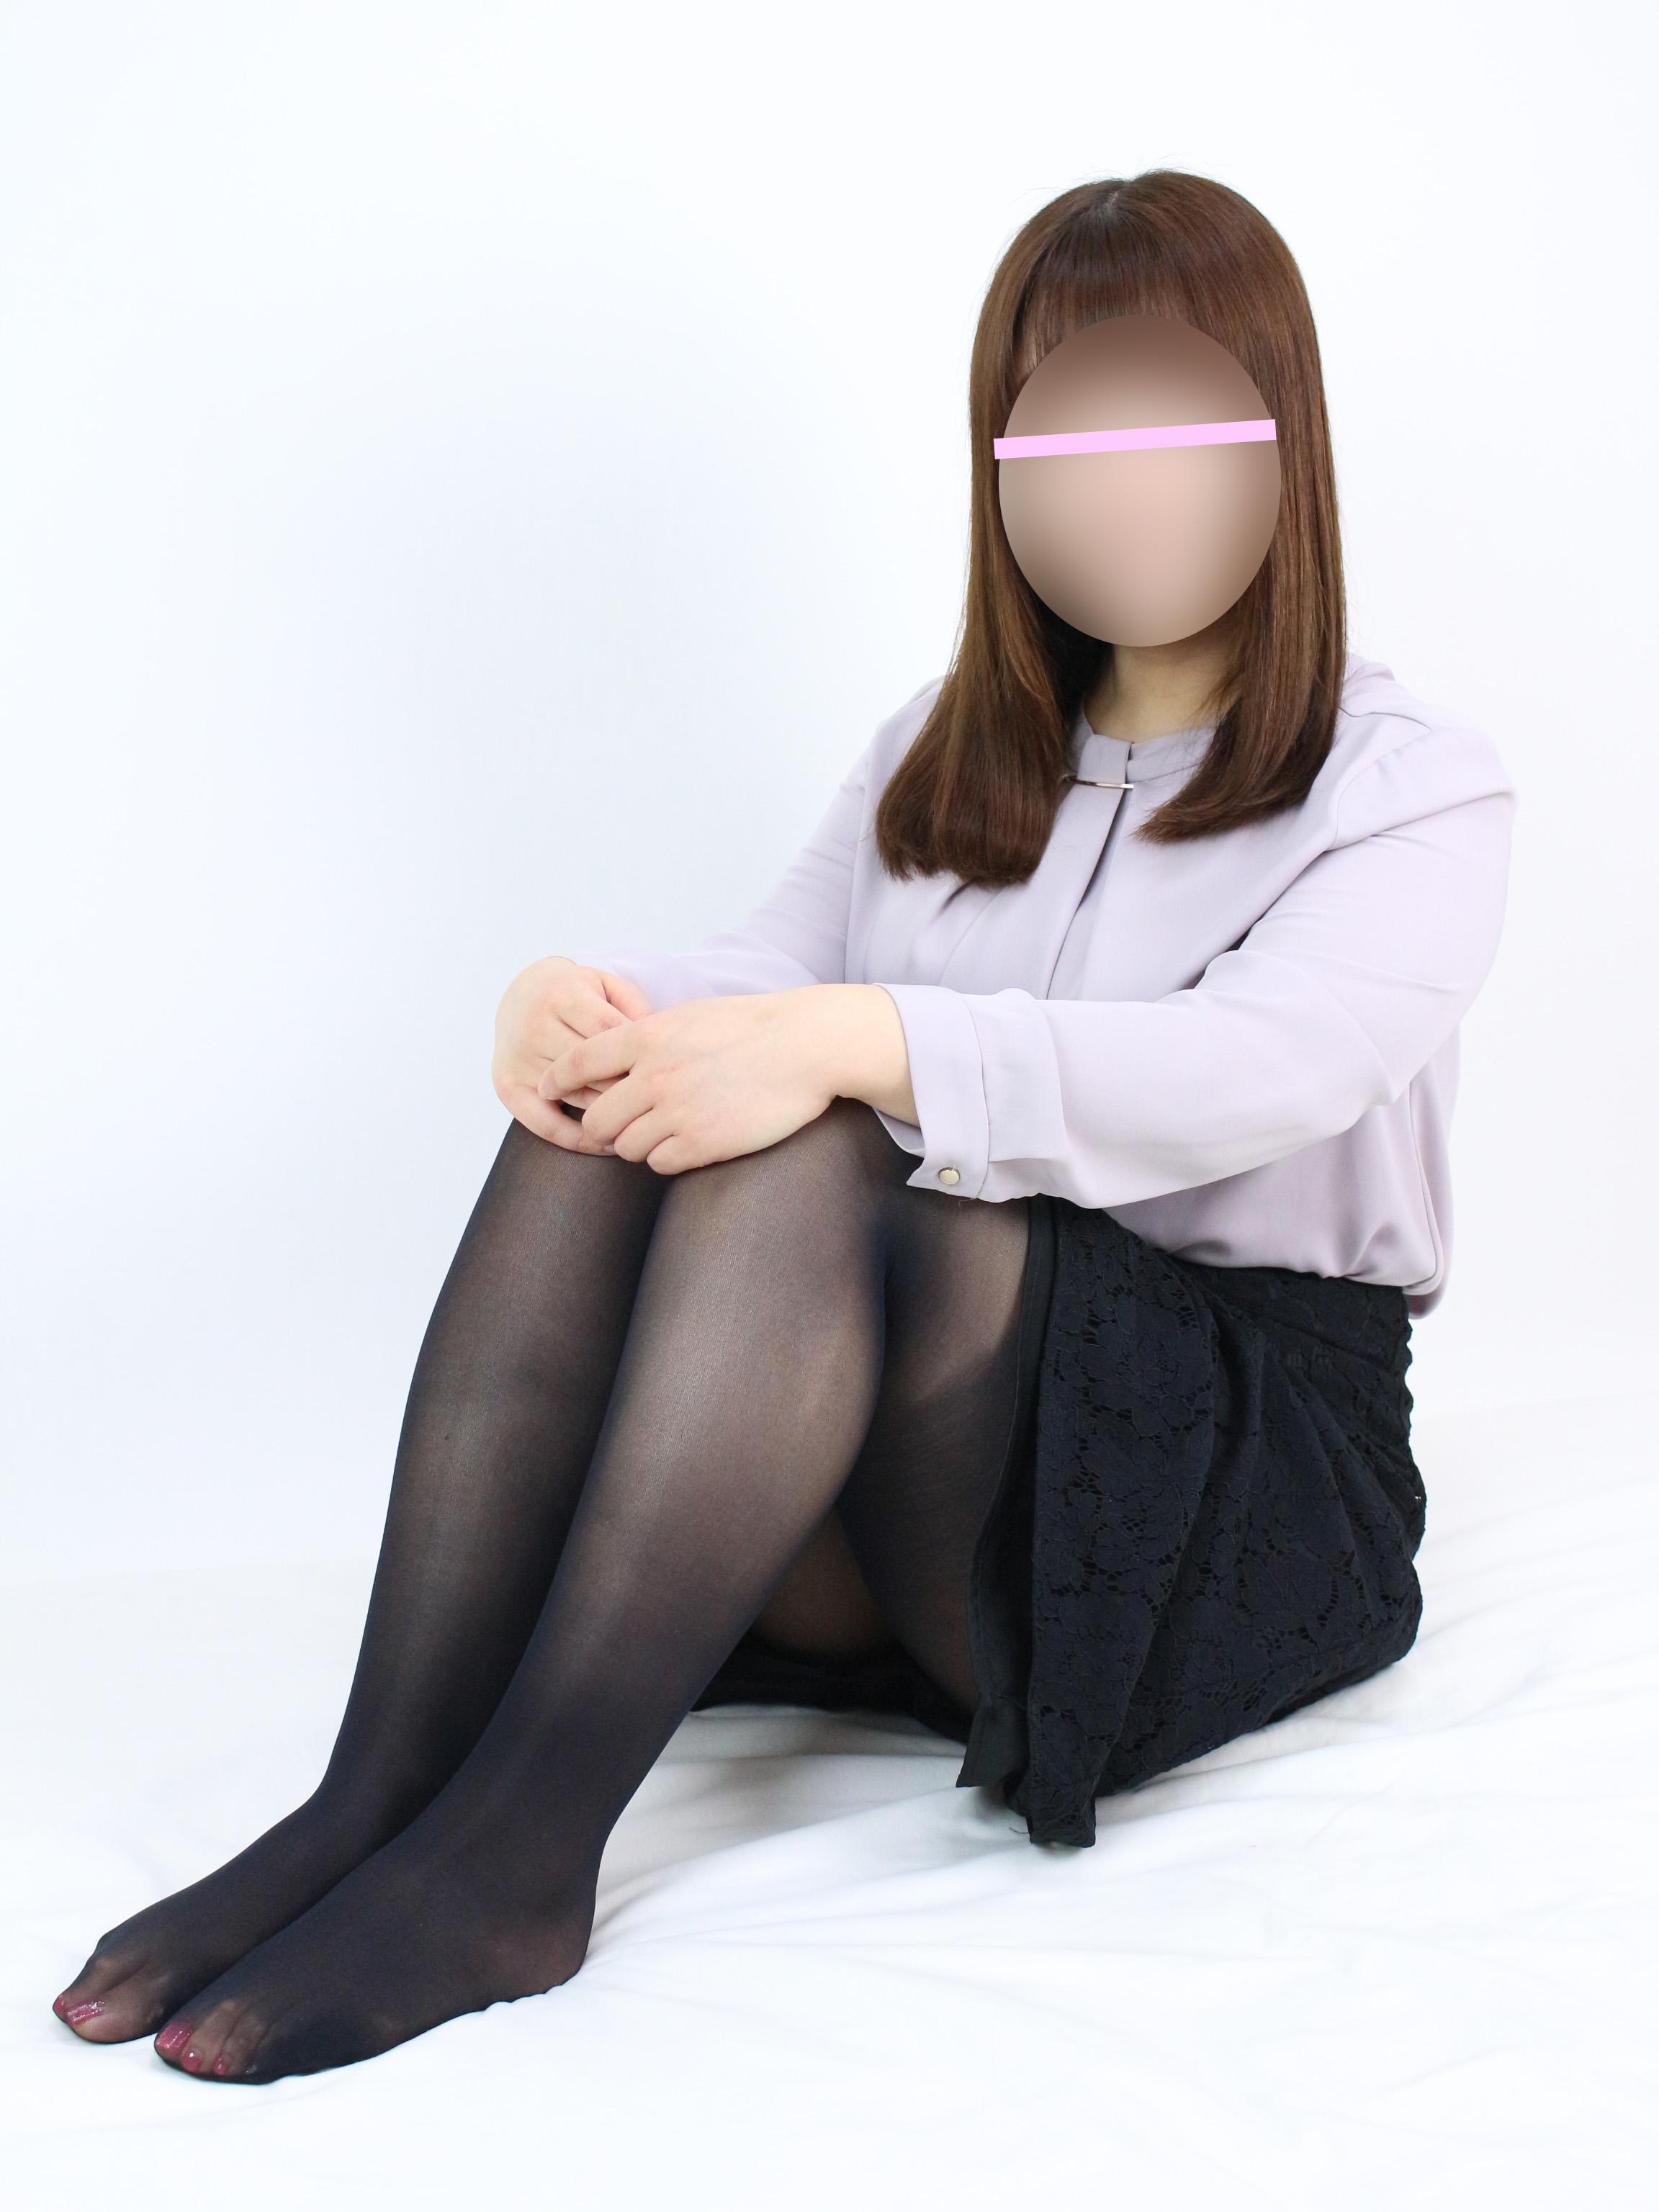 蒲田手コキ&オナクラ 世界のあんぷり亭 ほのか